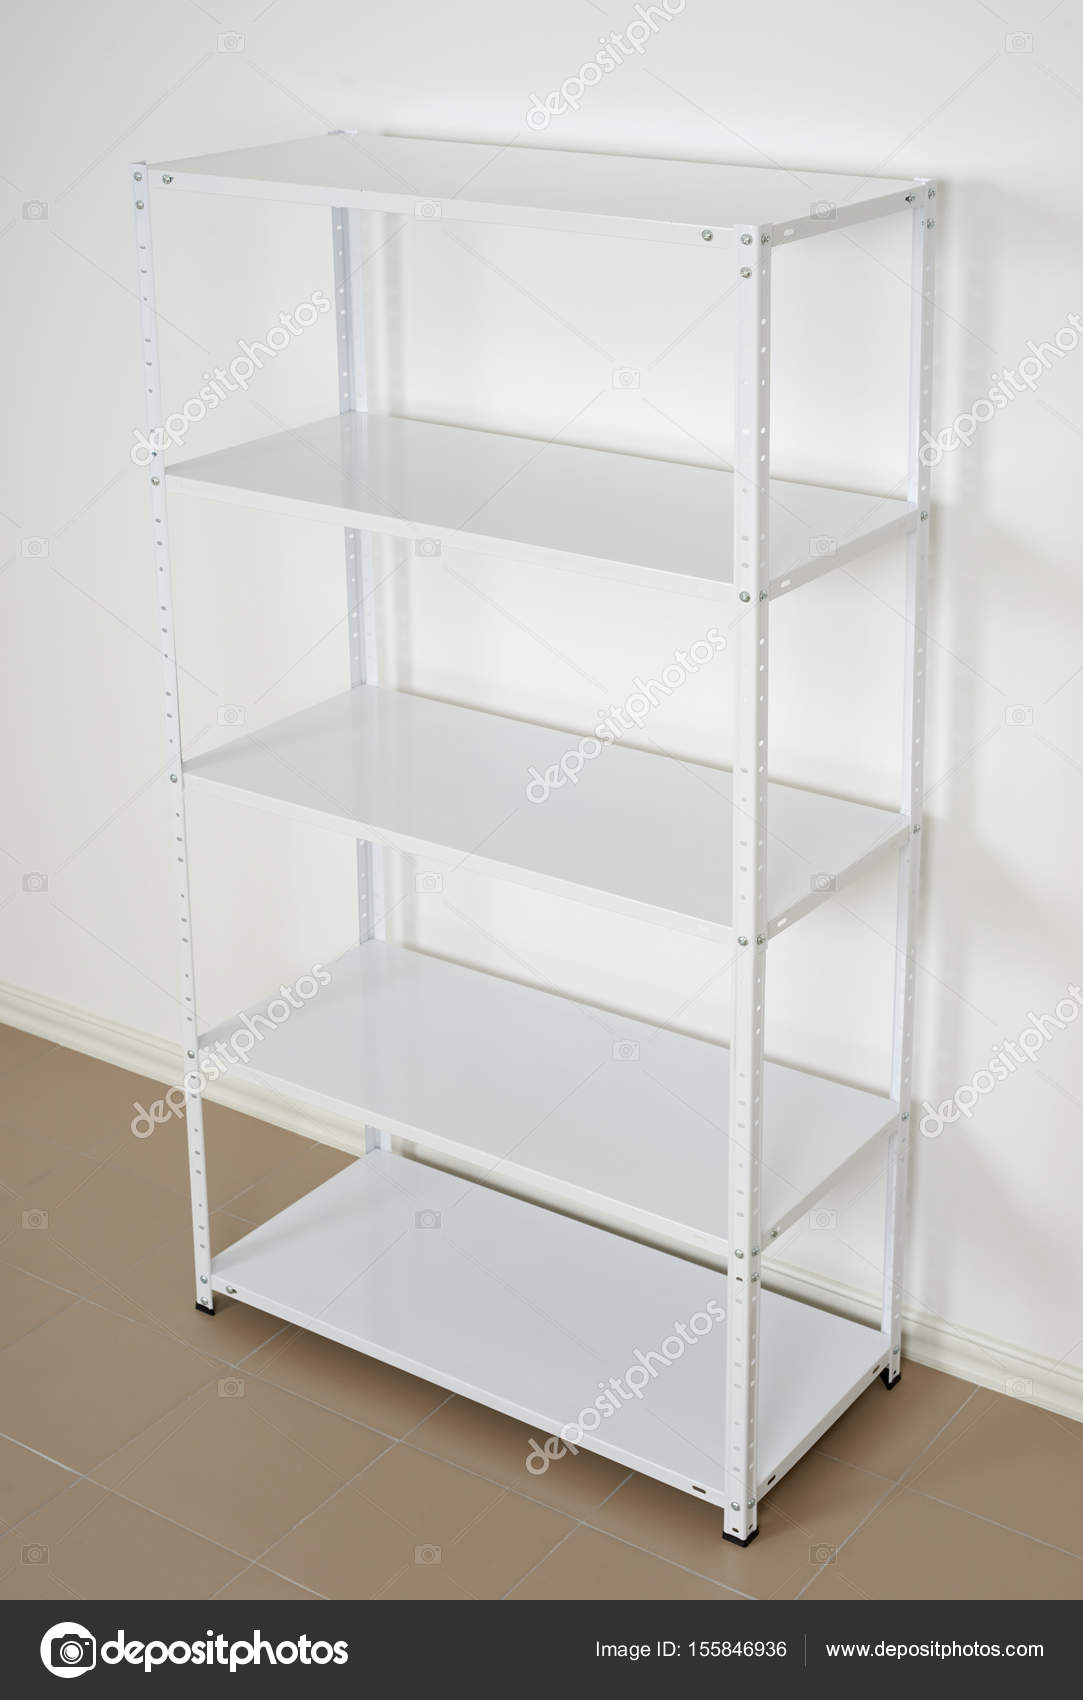 estante de metal blanco cerca de la pared estantes vacos Fotos